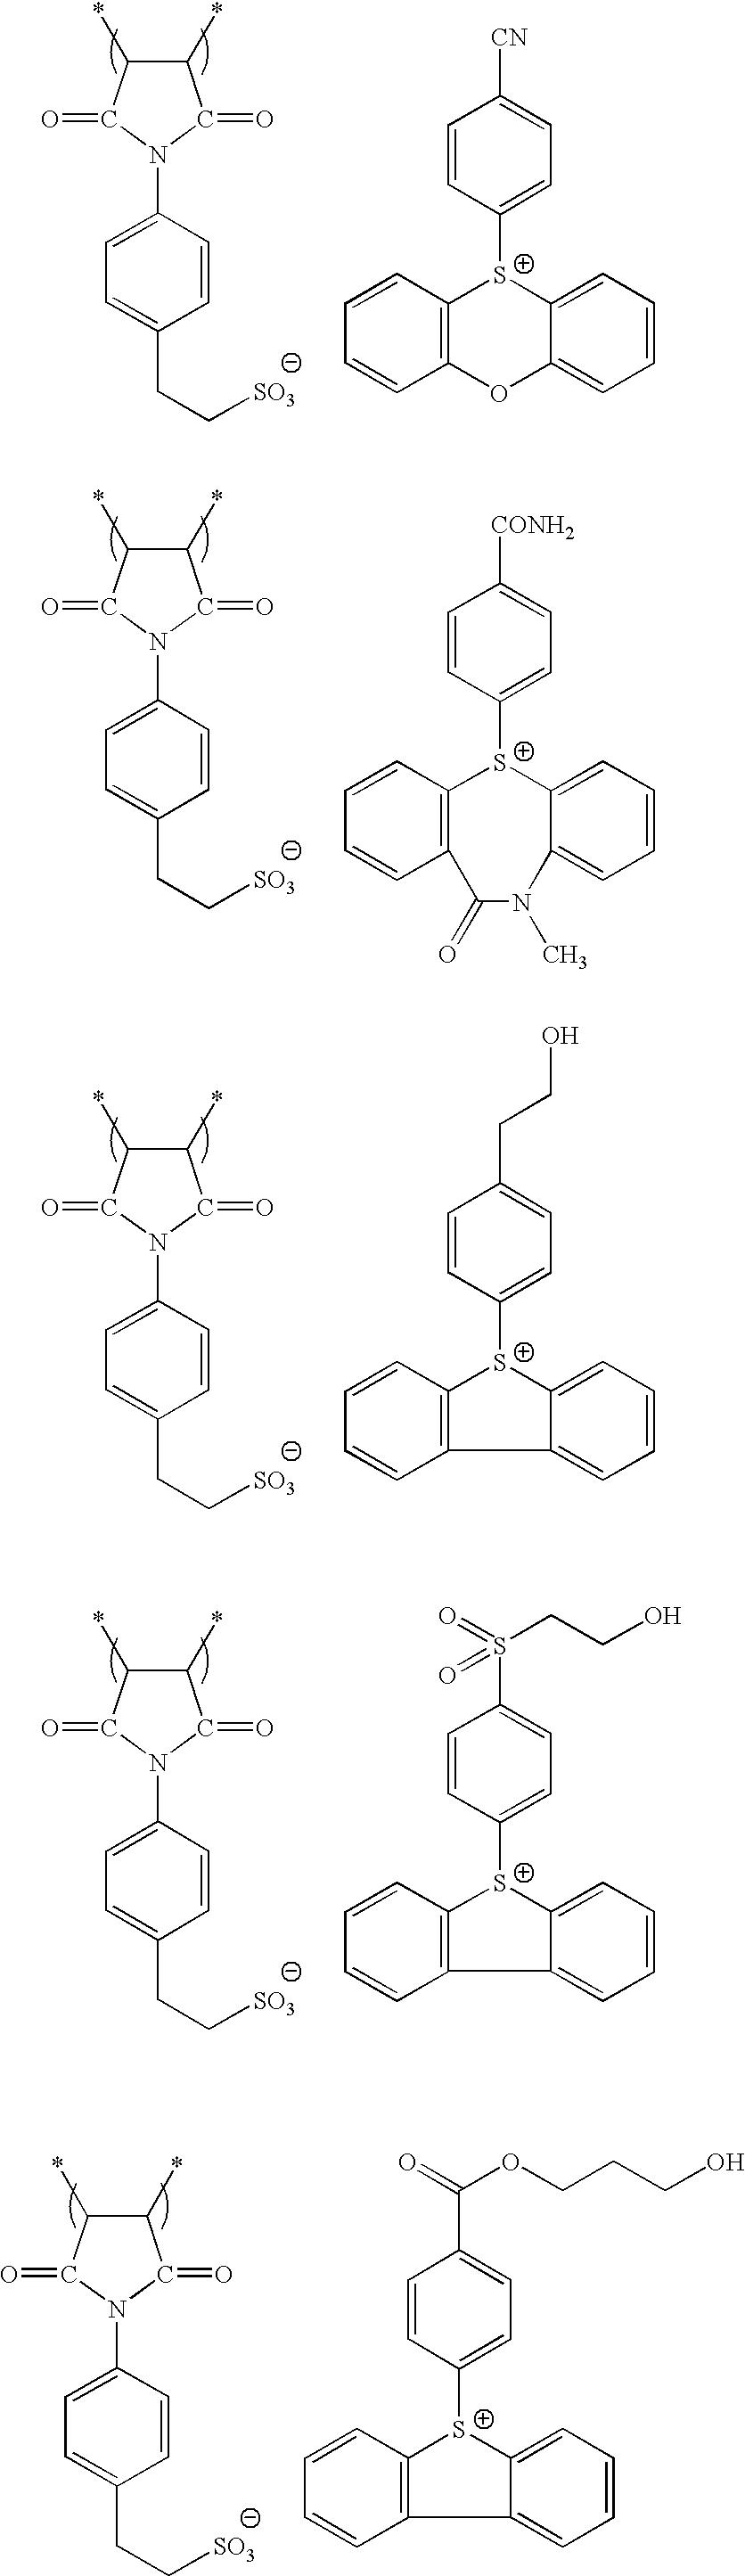 Figure US08852845-20141007-C00082